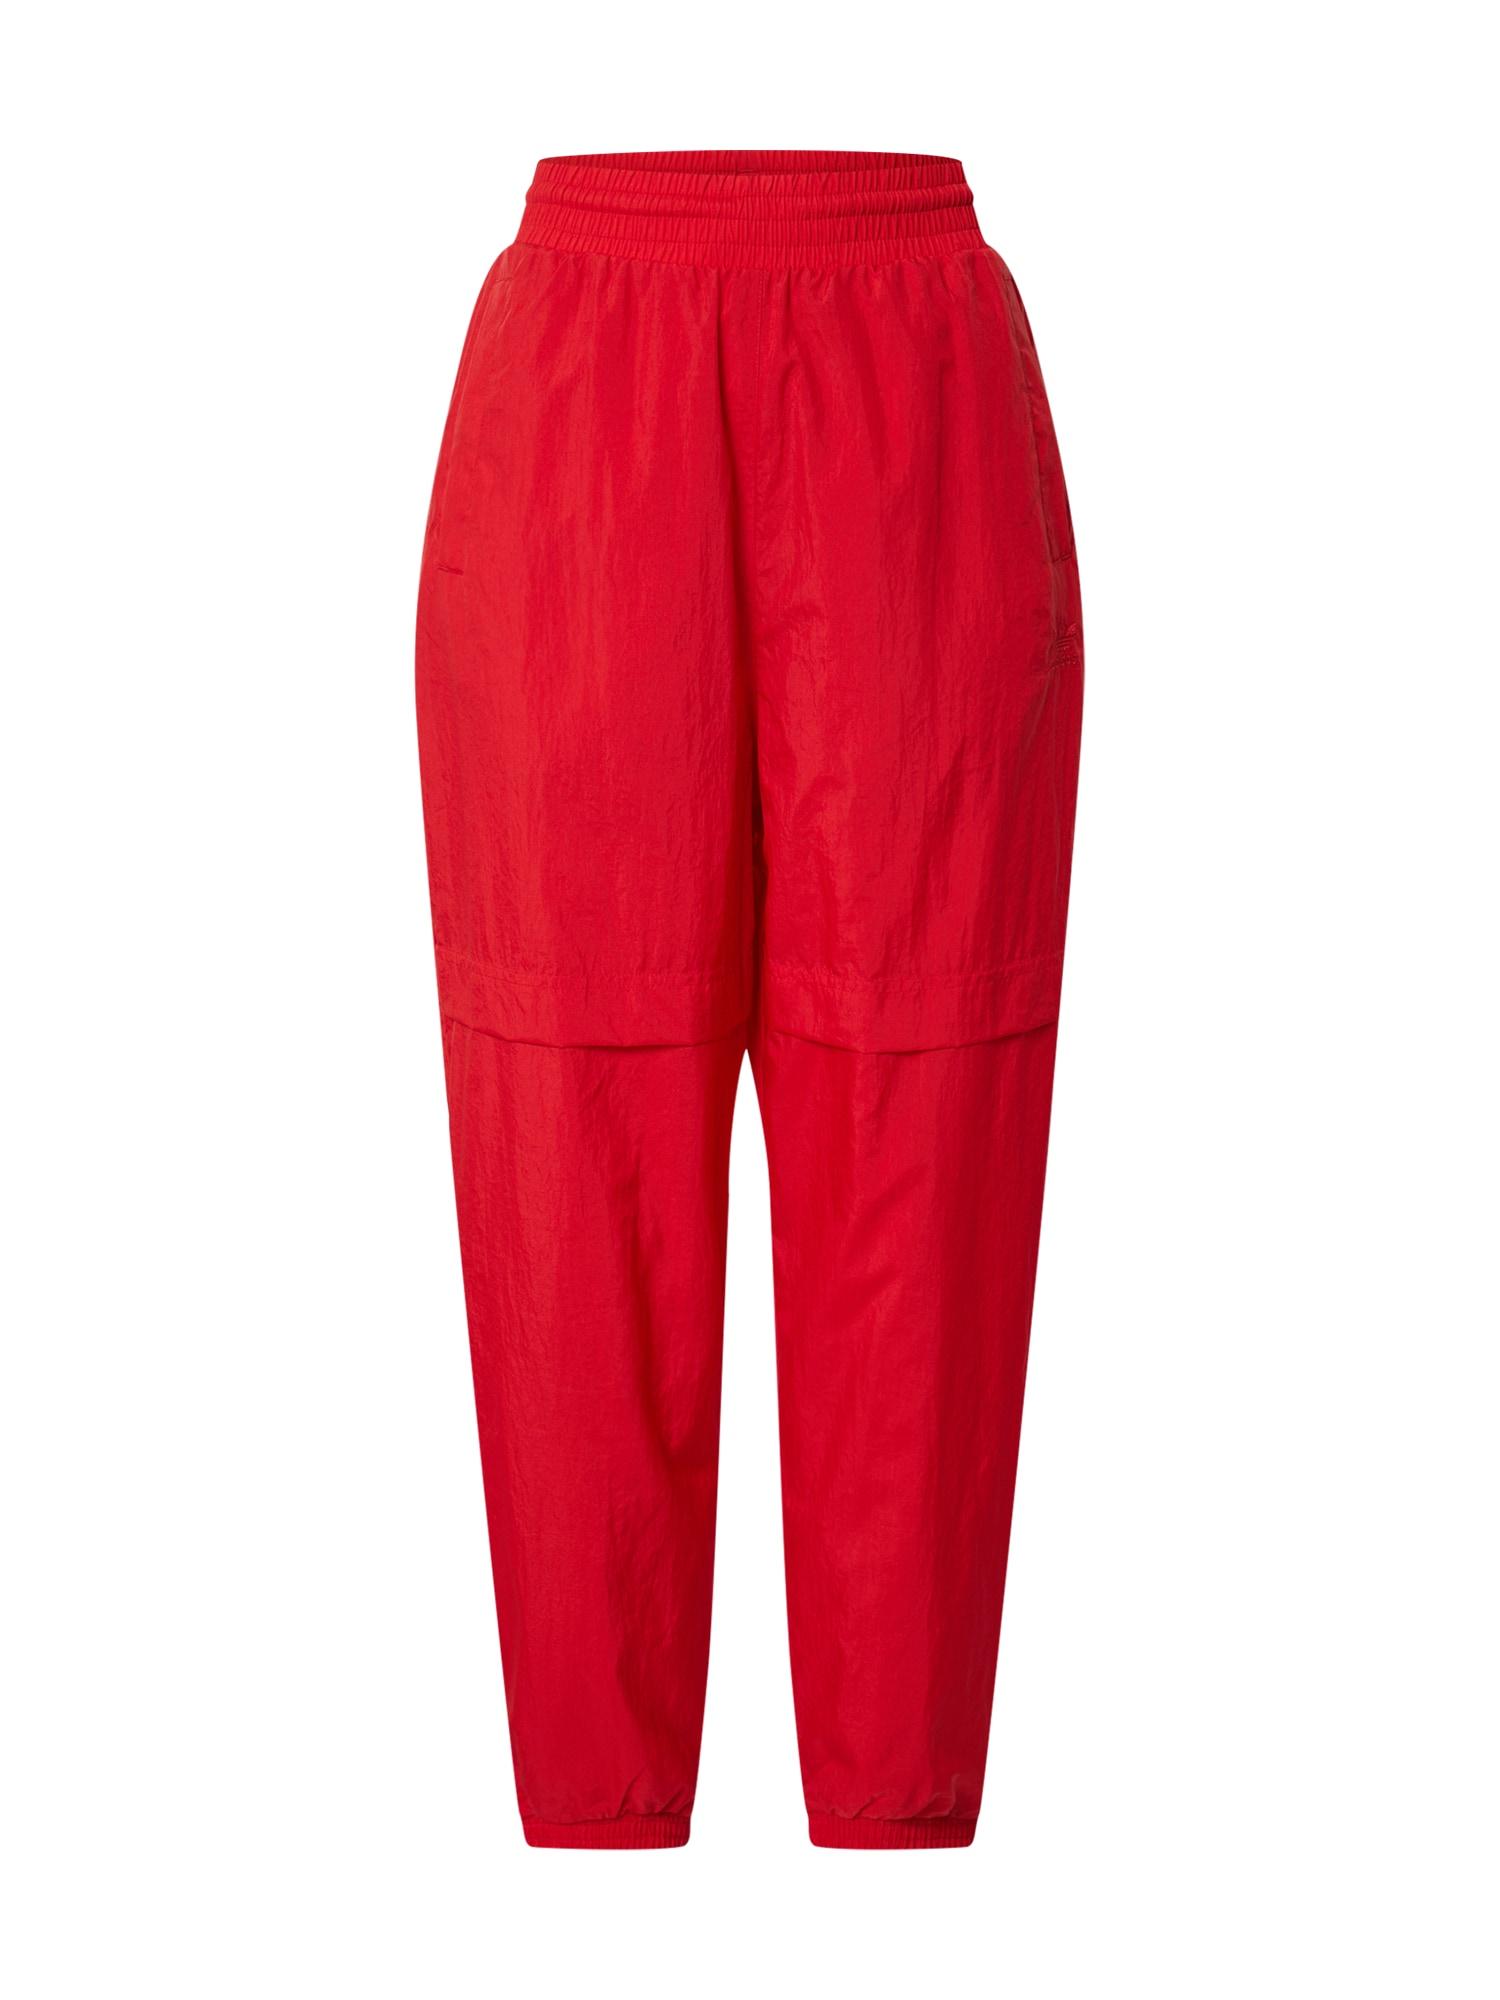 ADIDAS ORIGINALS Kelnės 'Japona' raudona